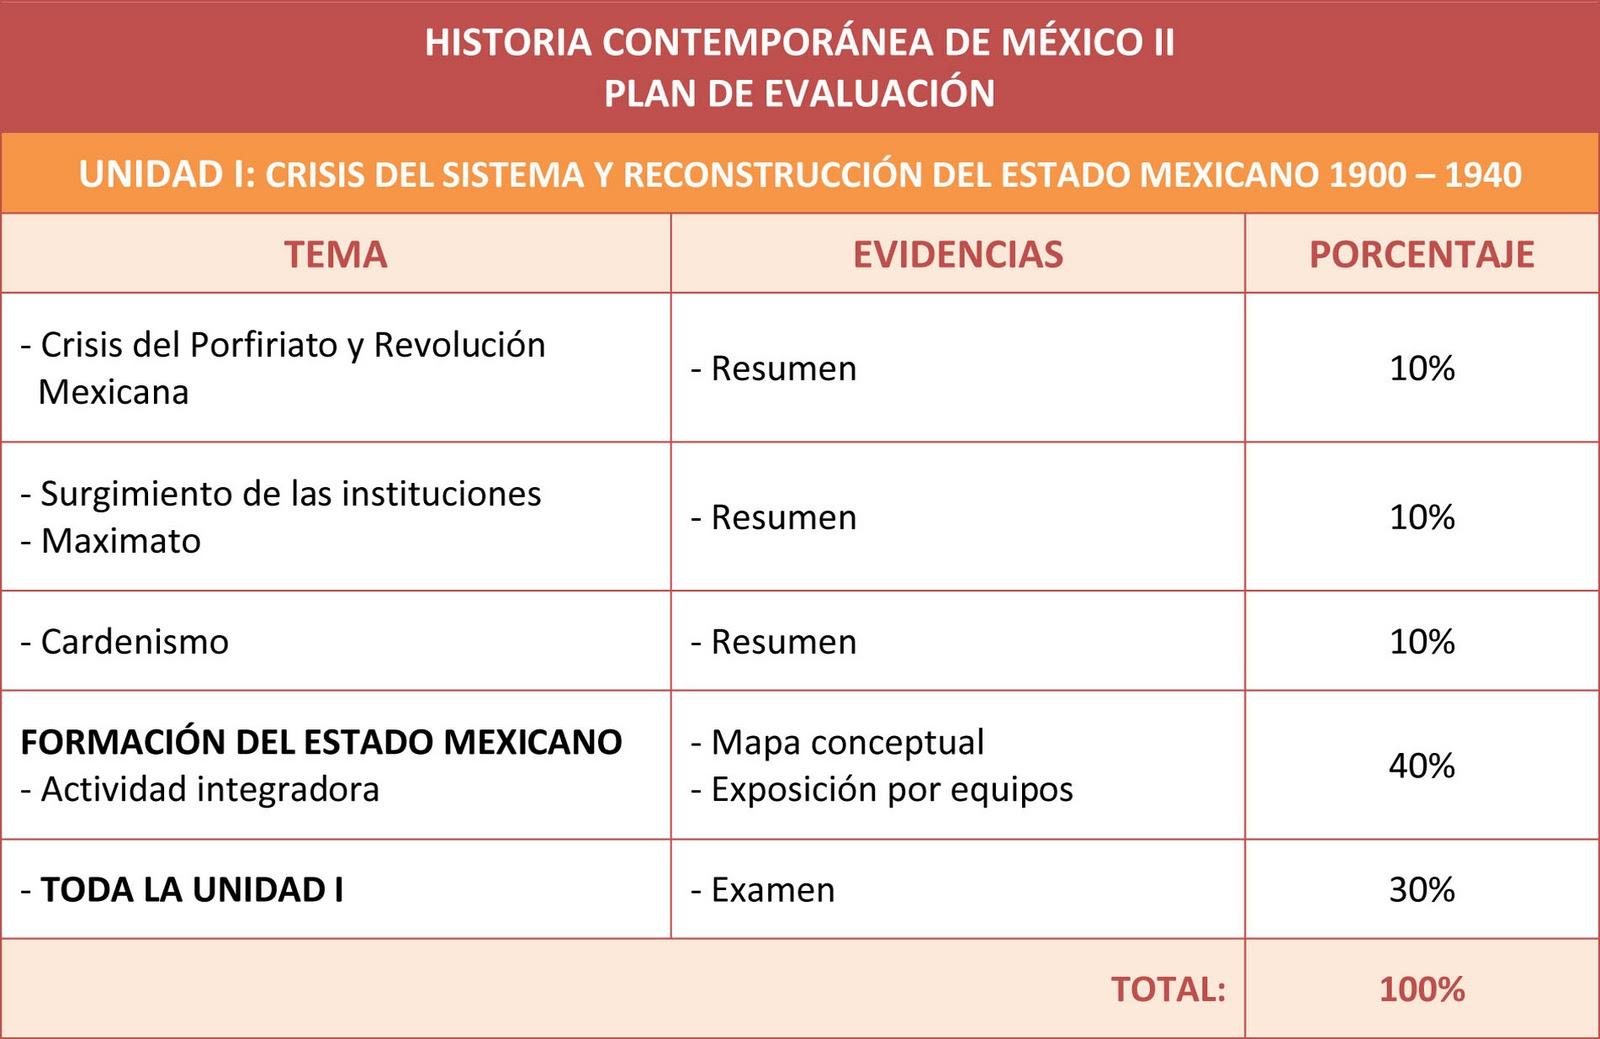 Historia de m xico contempor neo ii enero 2011 for Caracteristicas de los contemporaneos